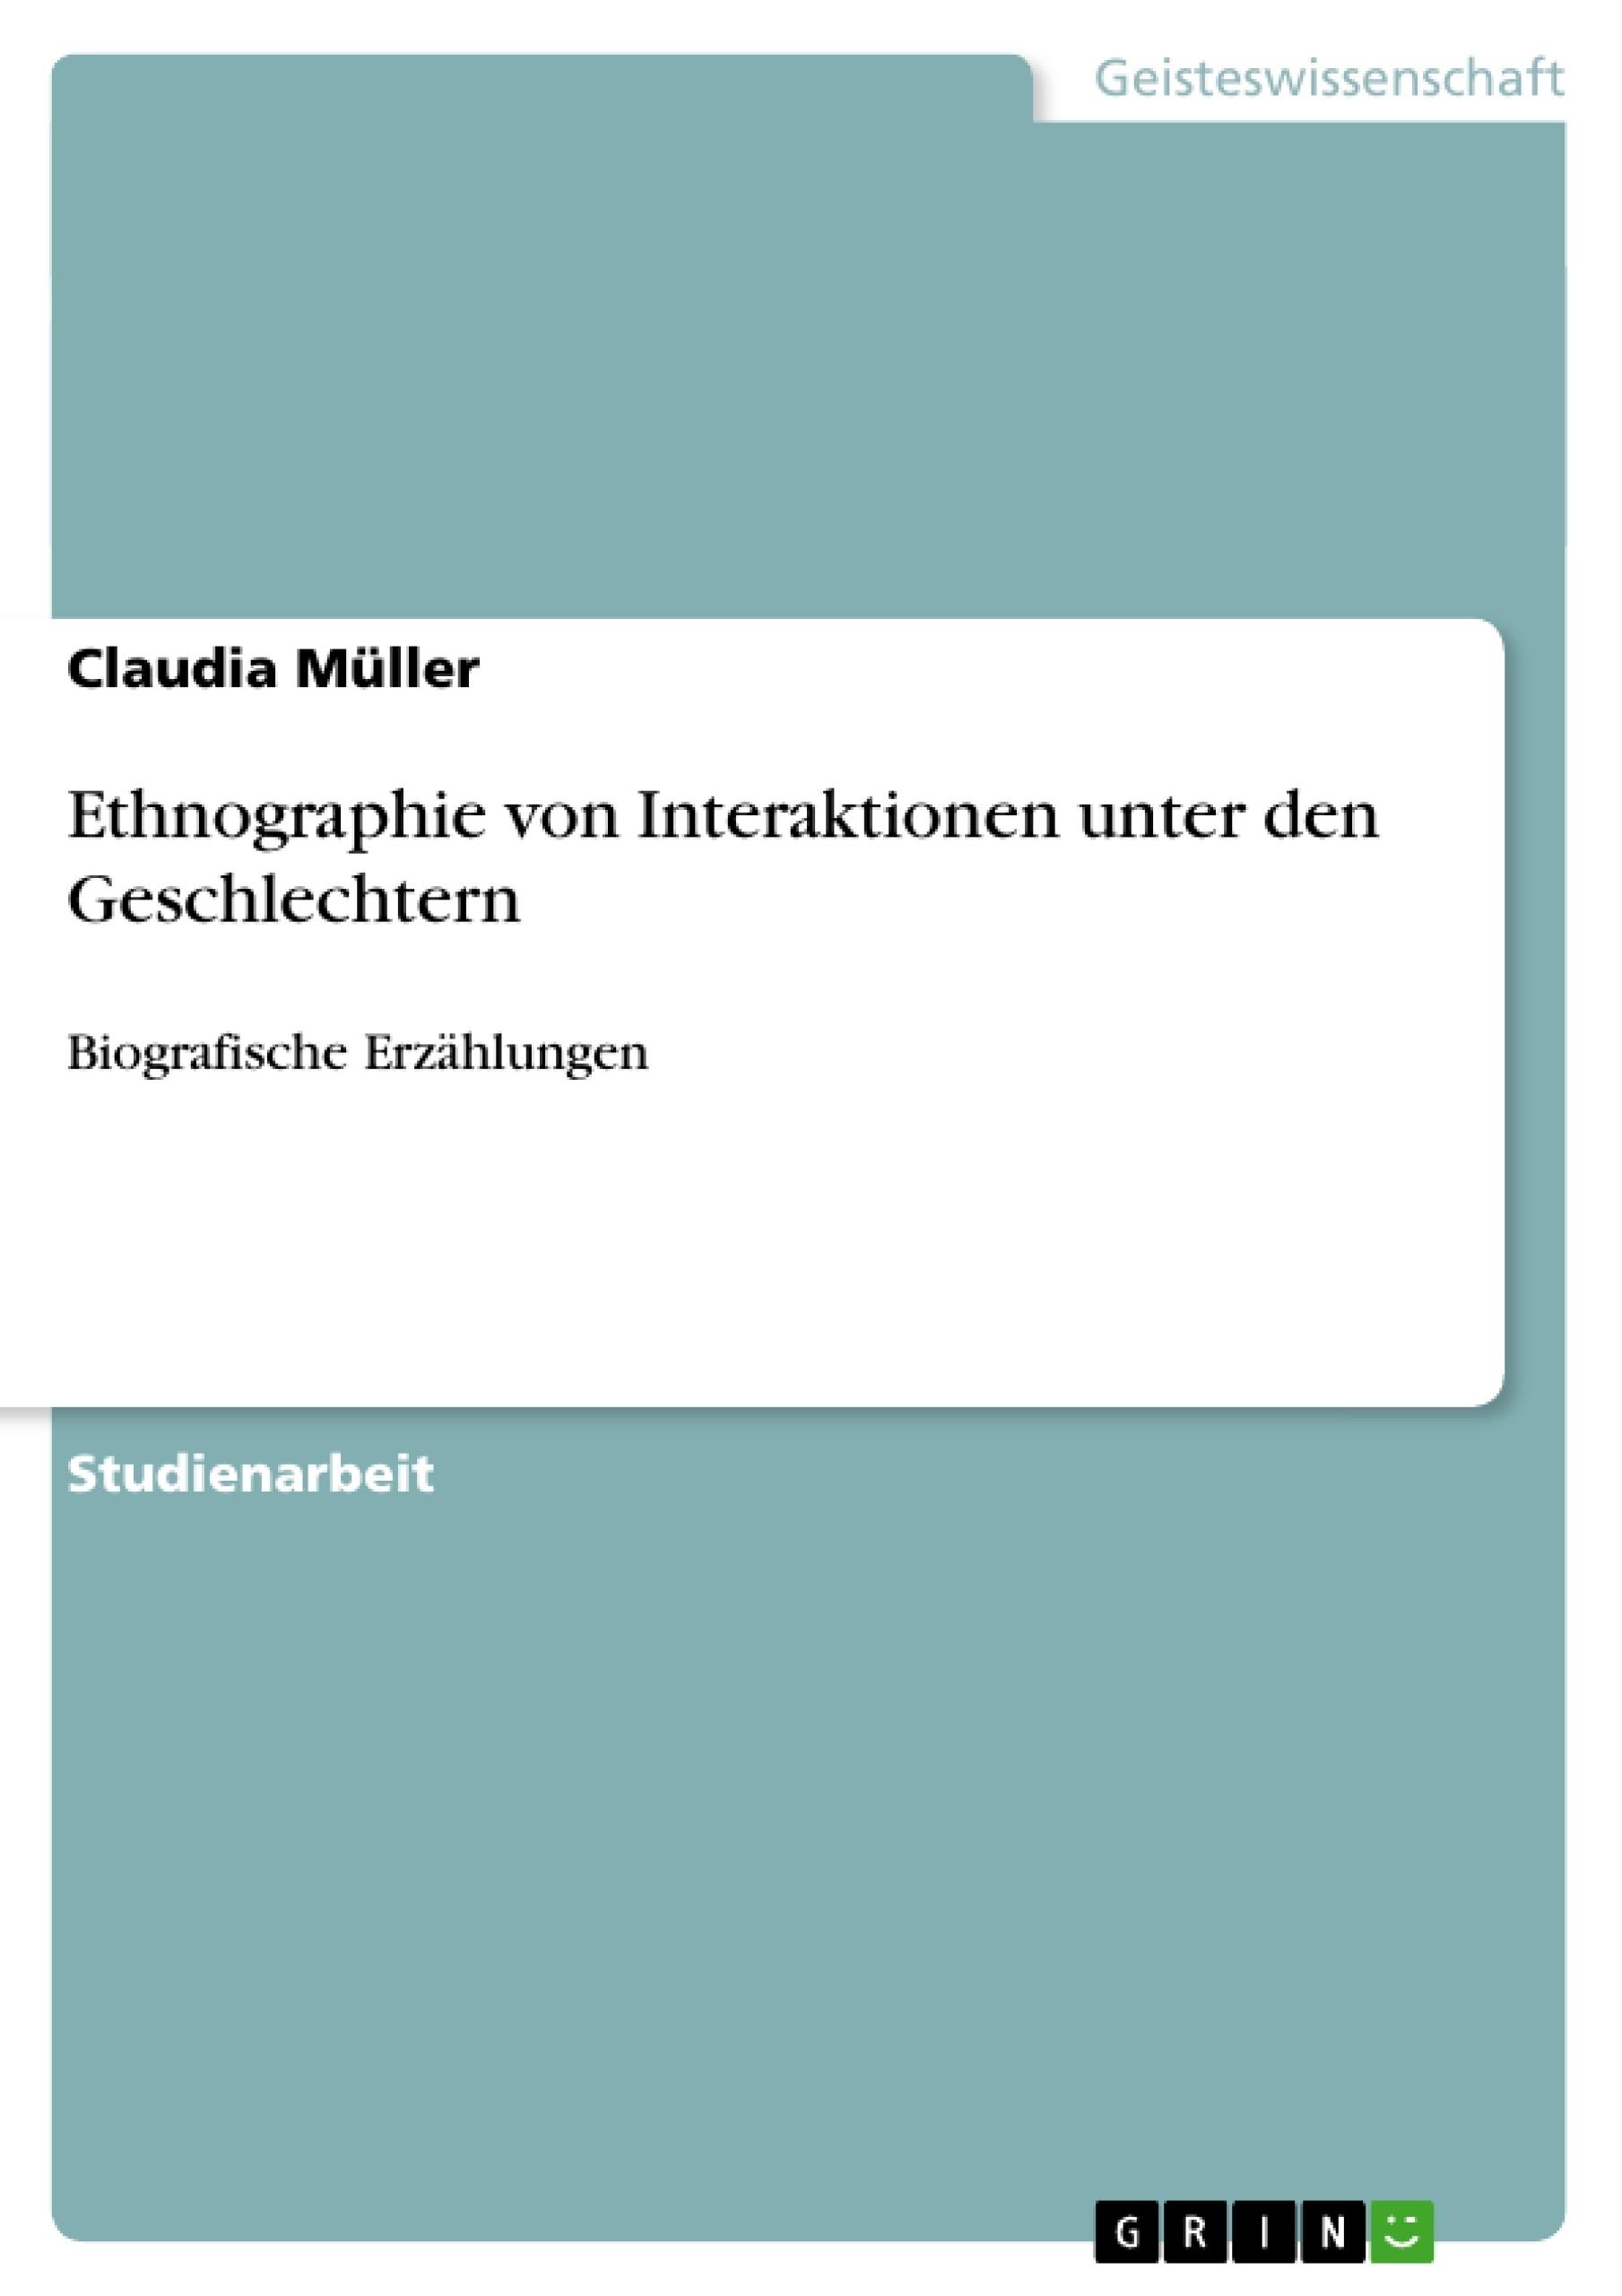 Titel: Ethnographie von Interaktionen unter den Geschlechtern